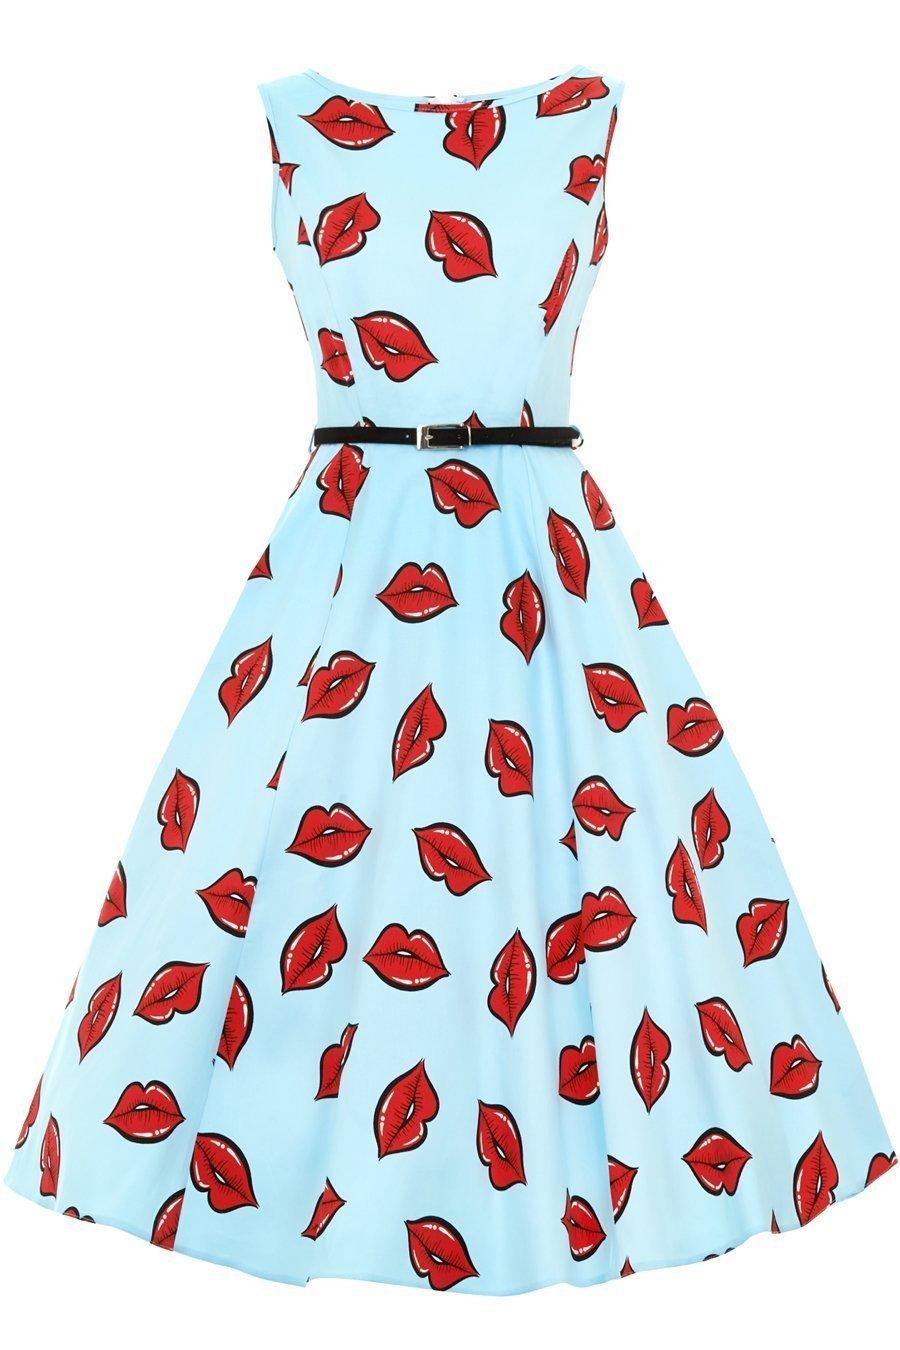 Flot turkis kjole med store røde læber